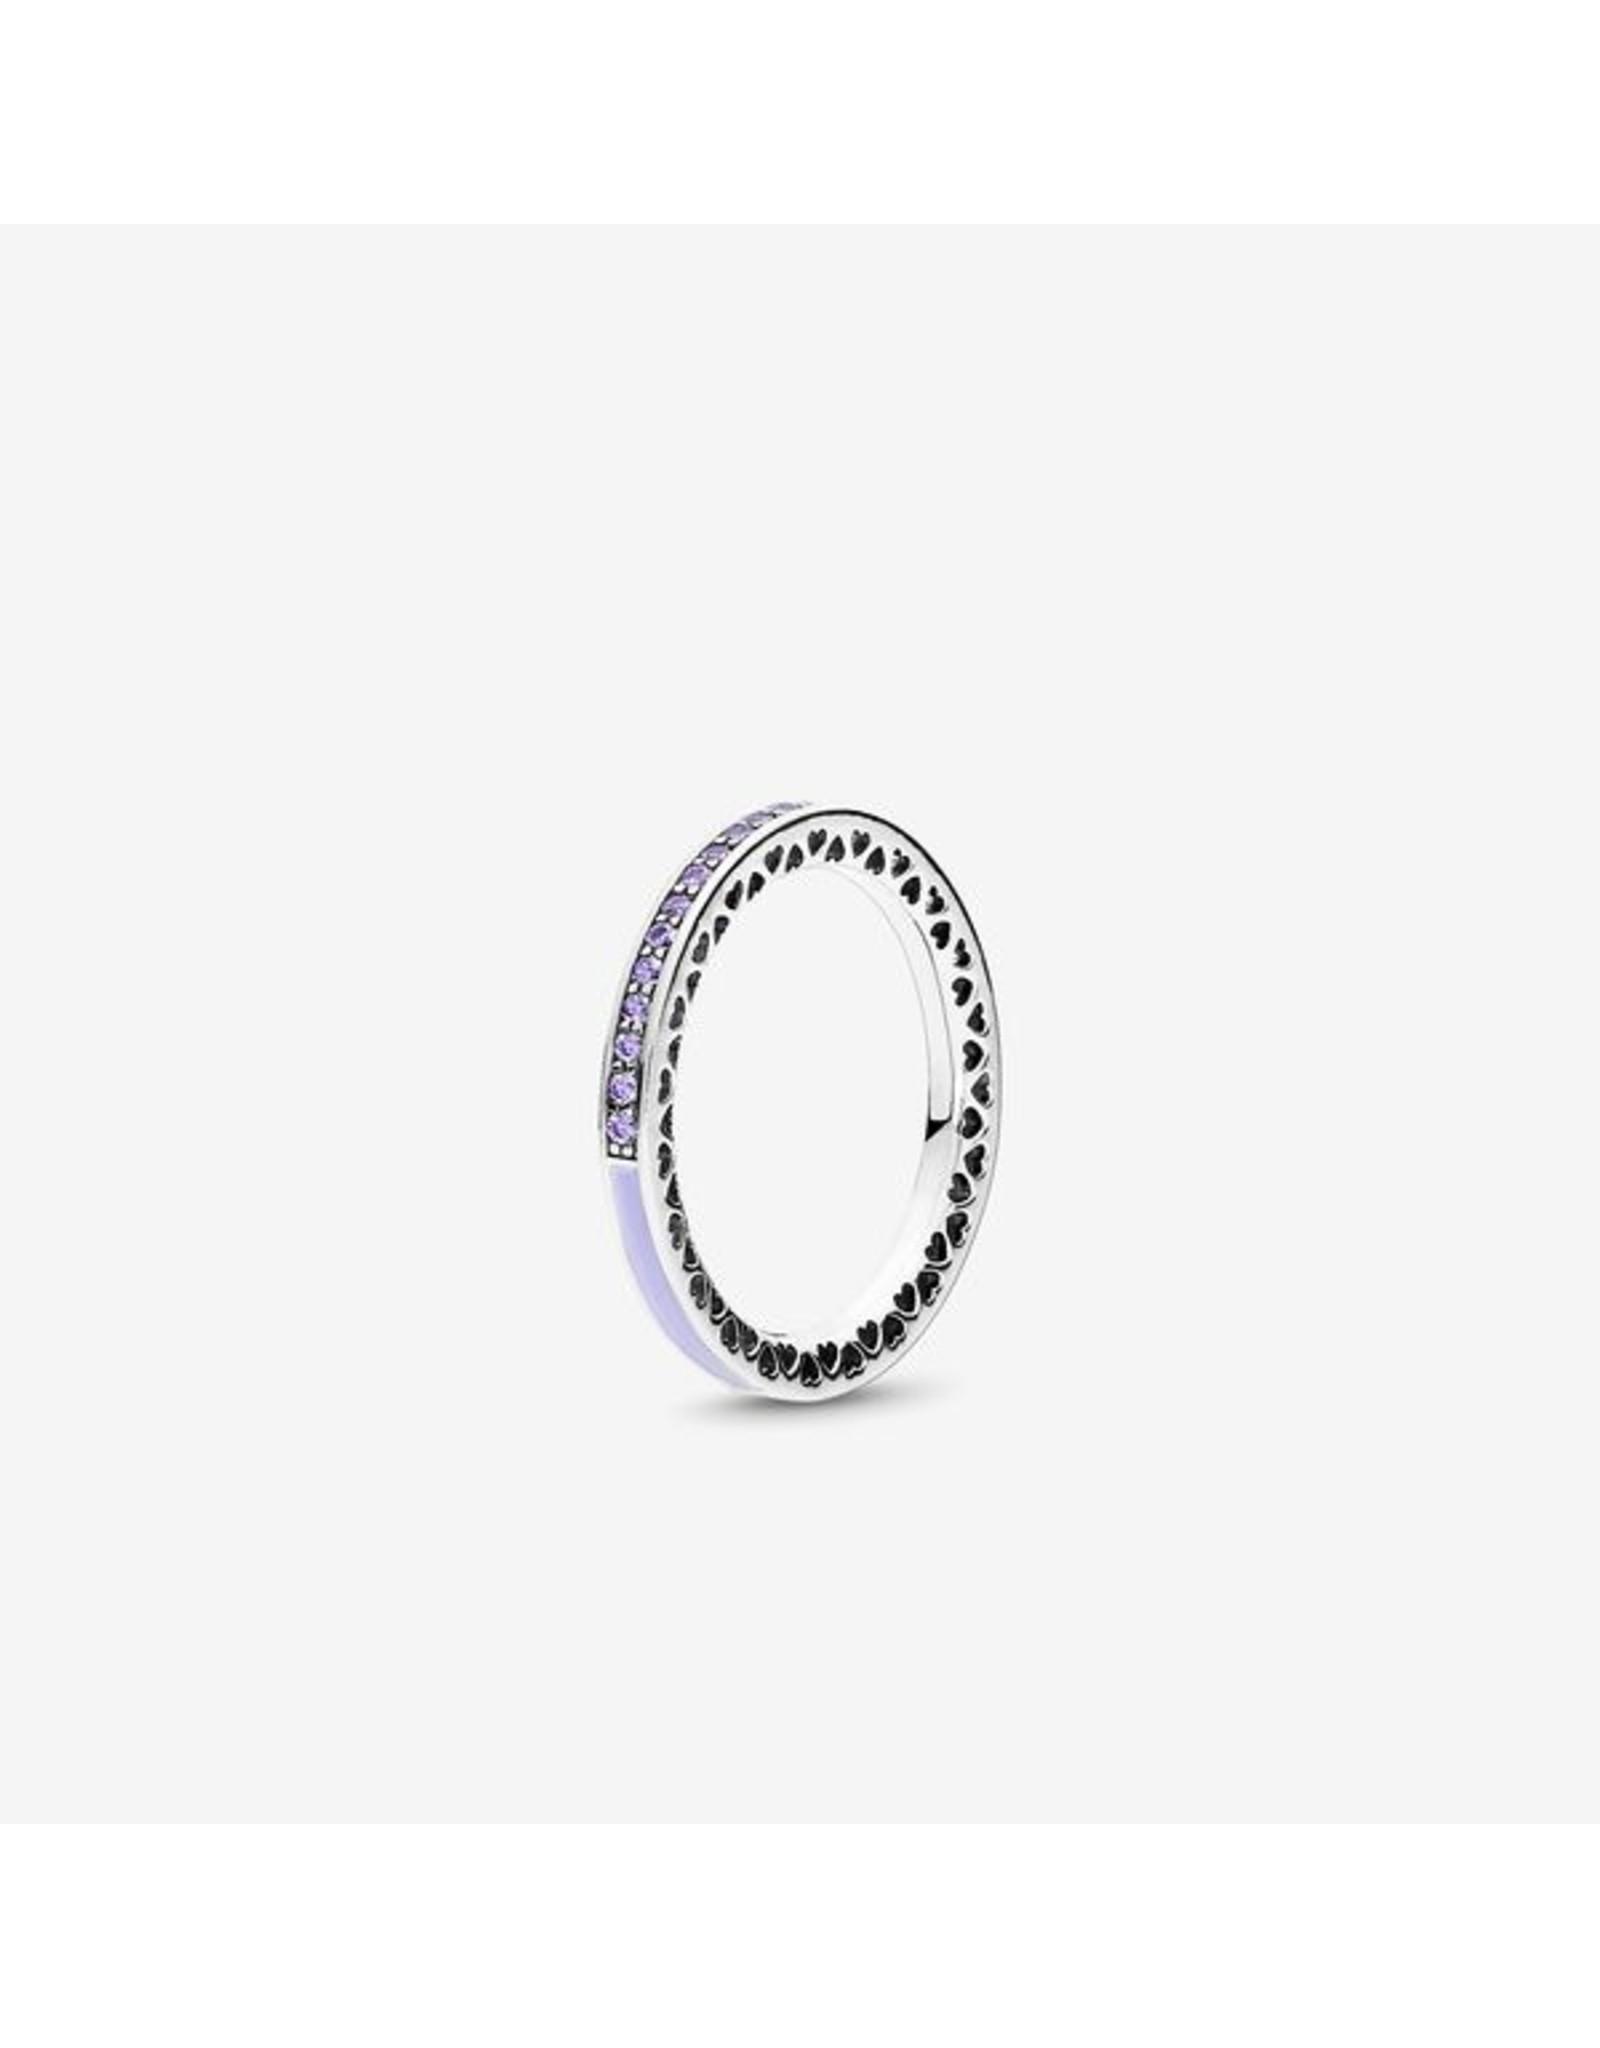 Pandora Pandora Ring, Radiant Heart Of Pandora, Lavender